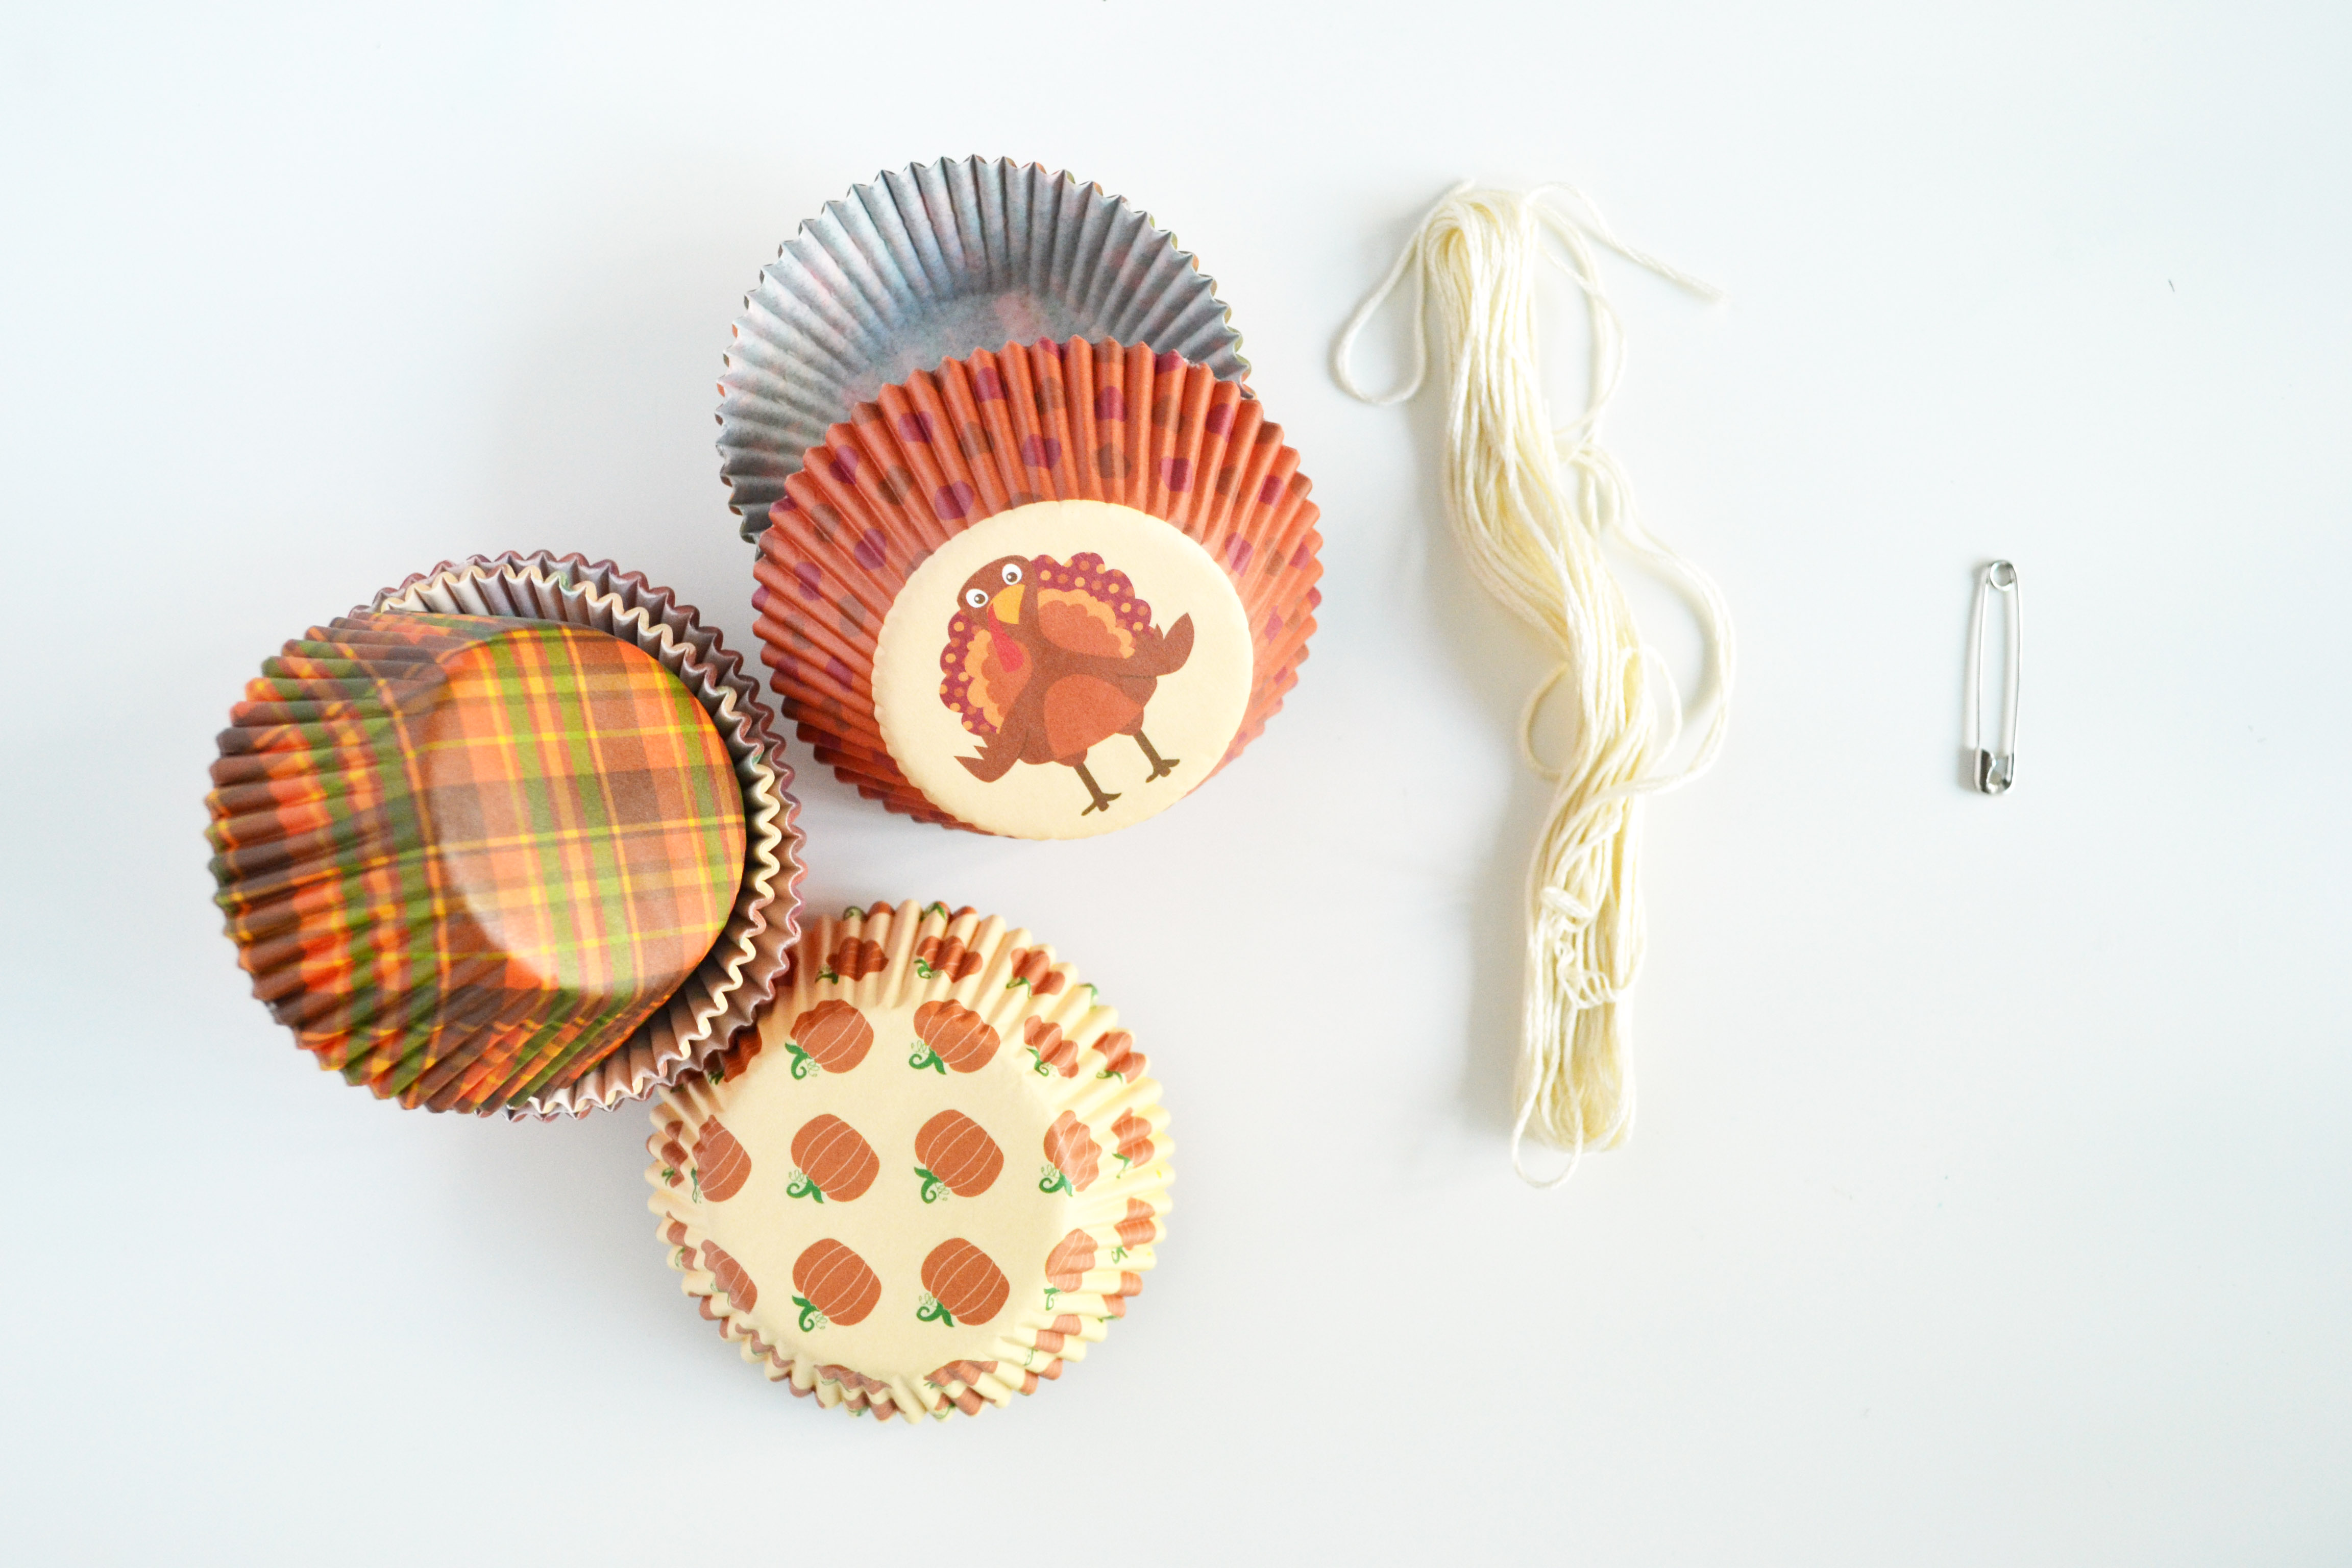 Cupcake liner garland materials